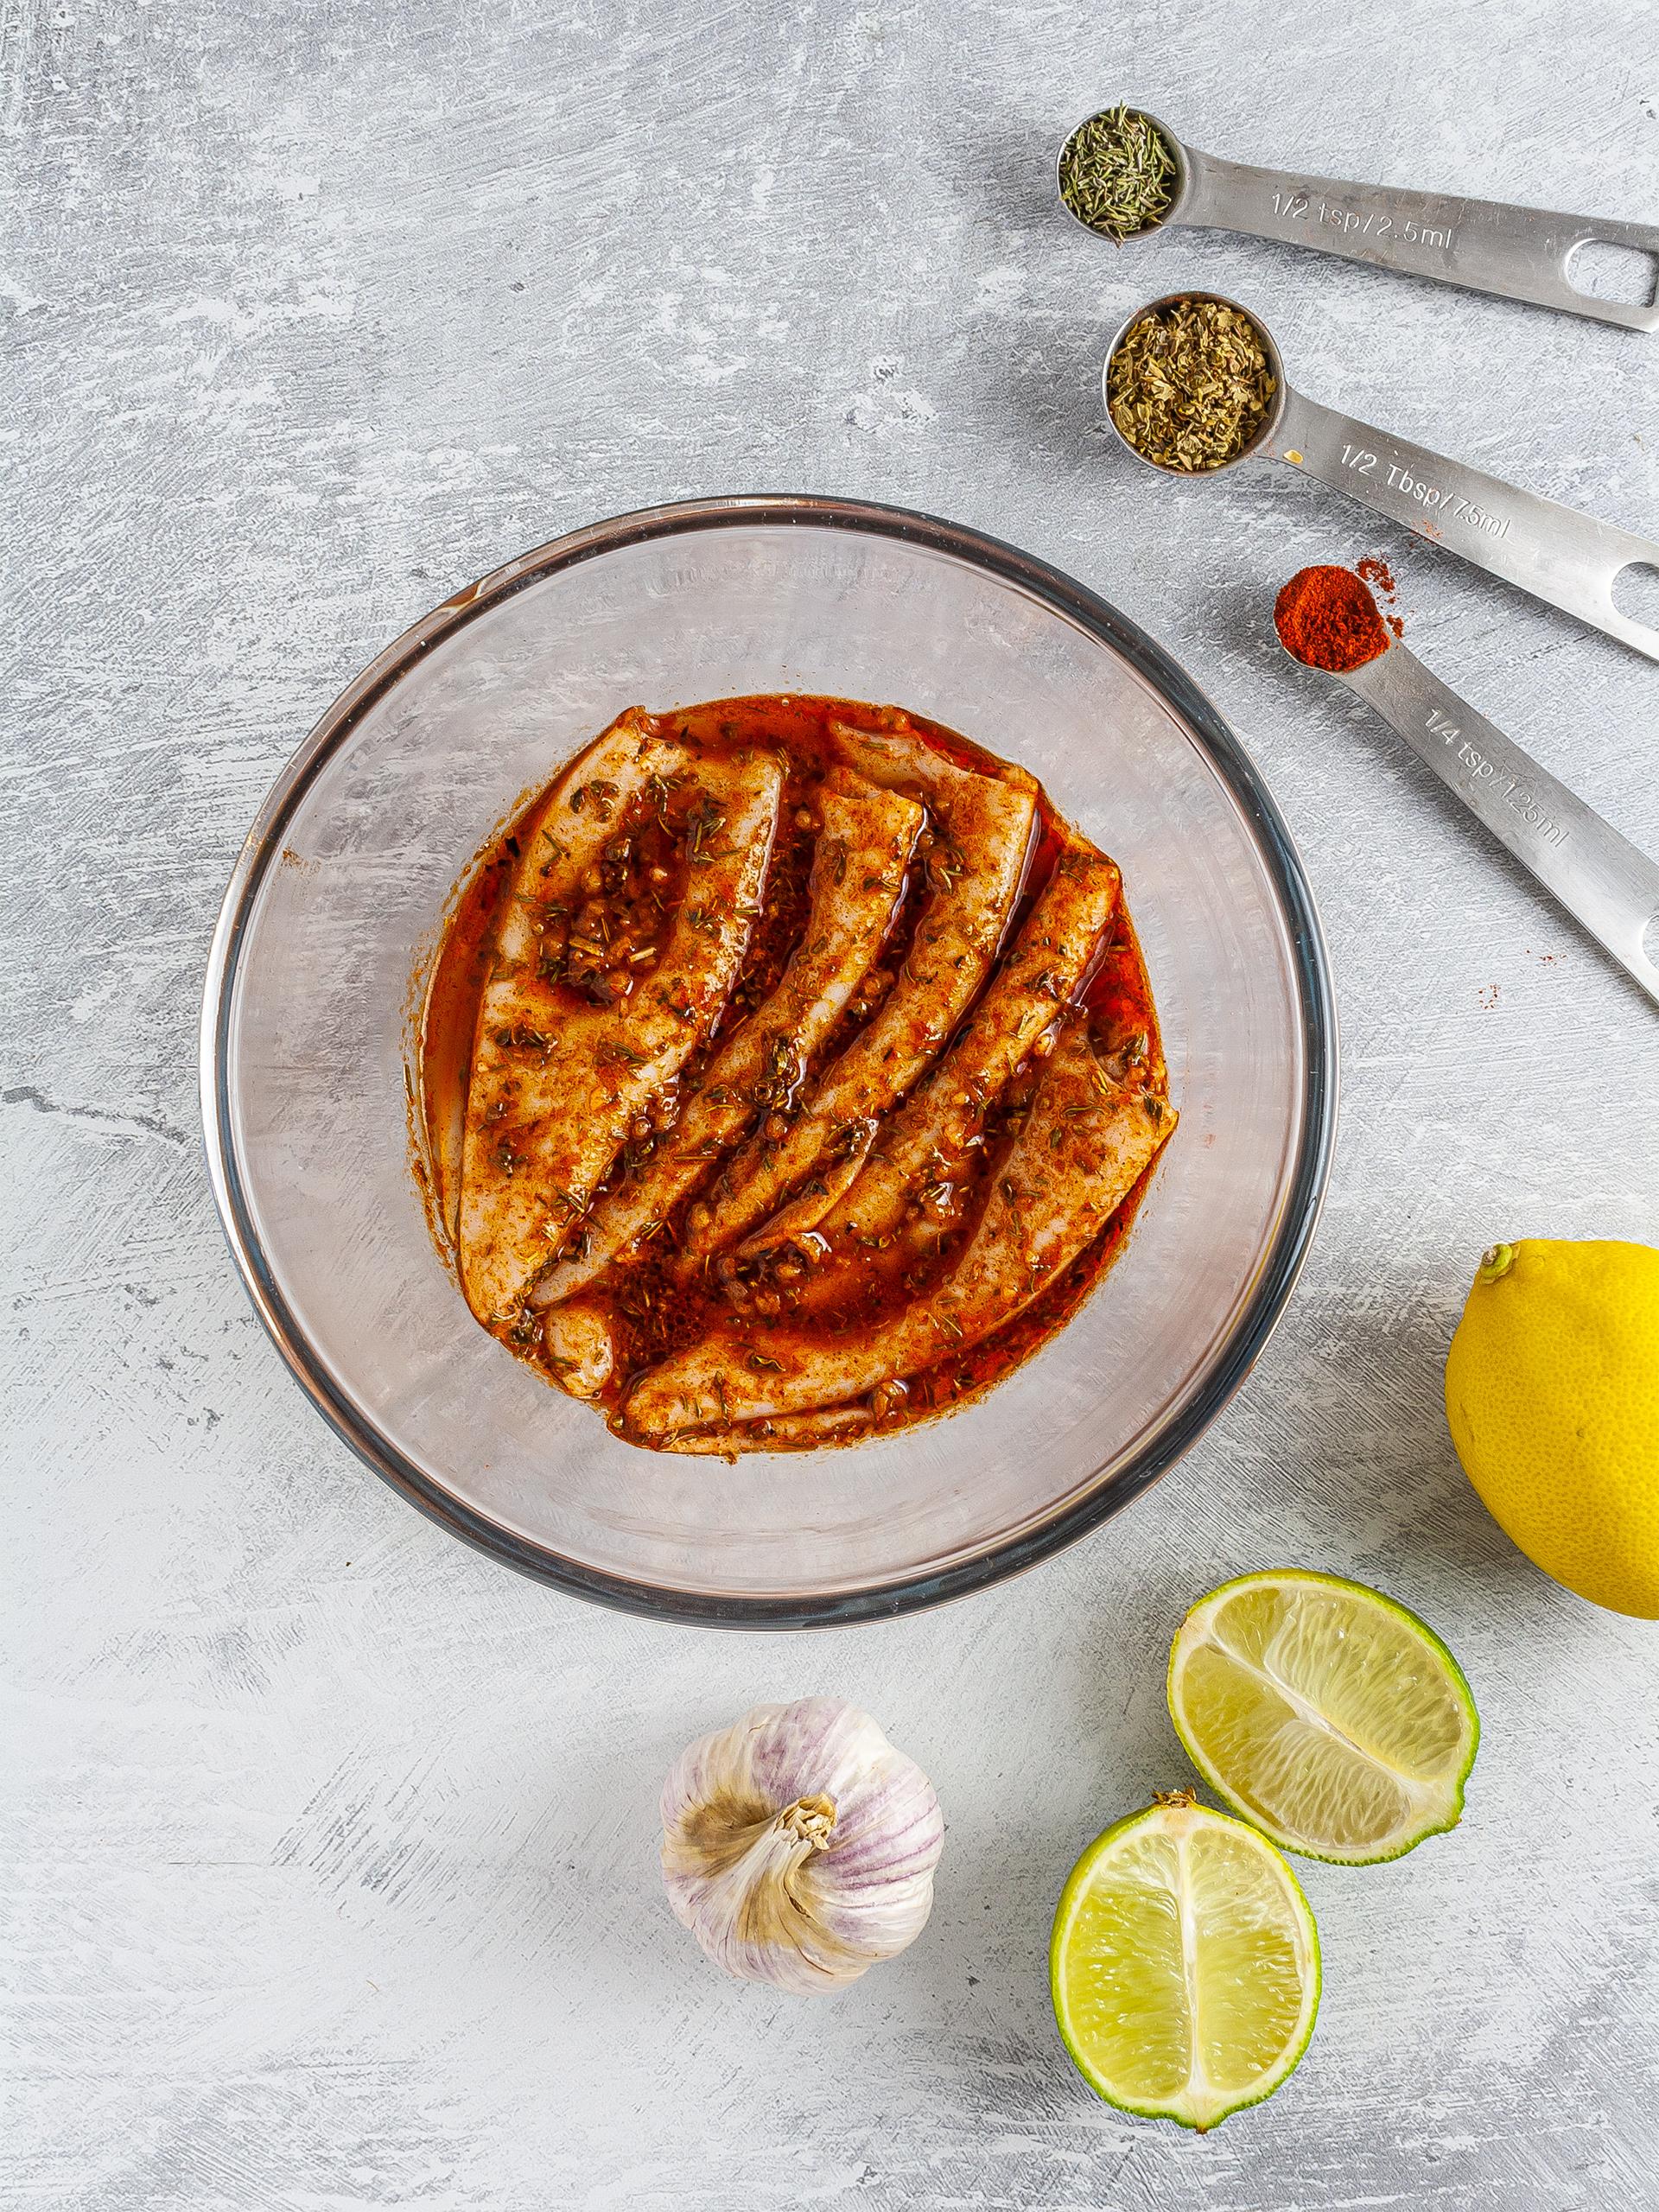 Squid marinated in Cajun seasoning